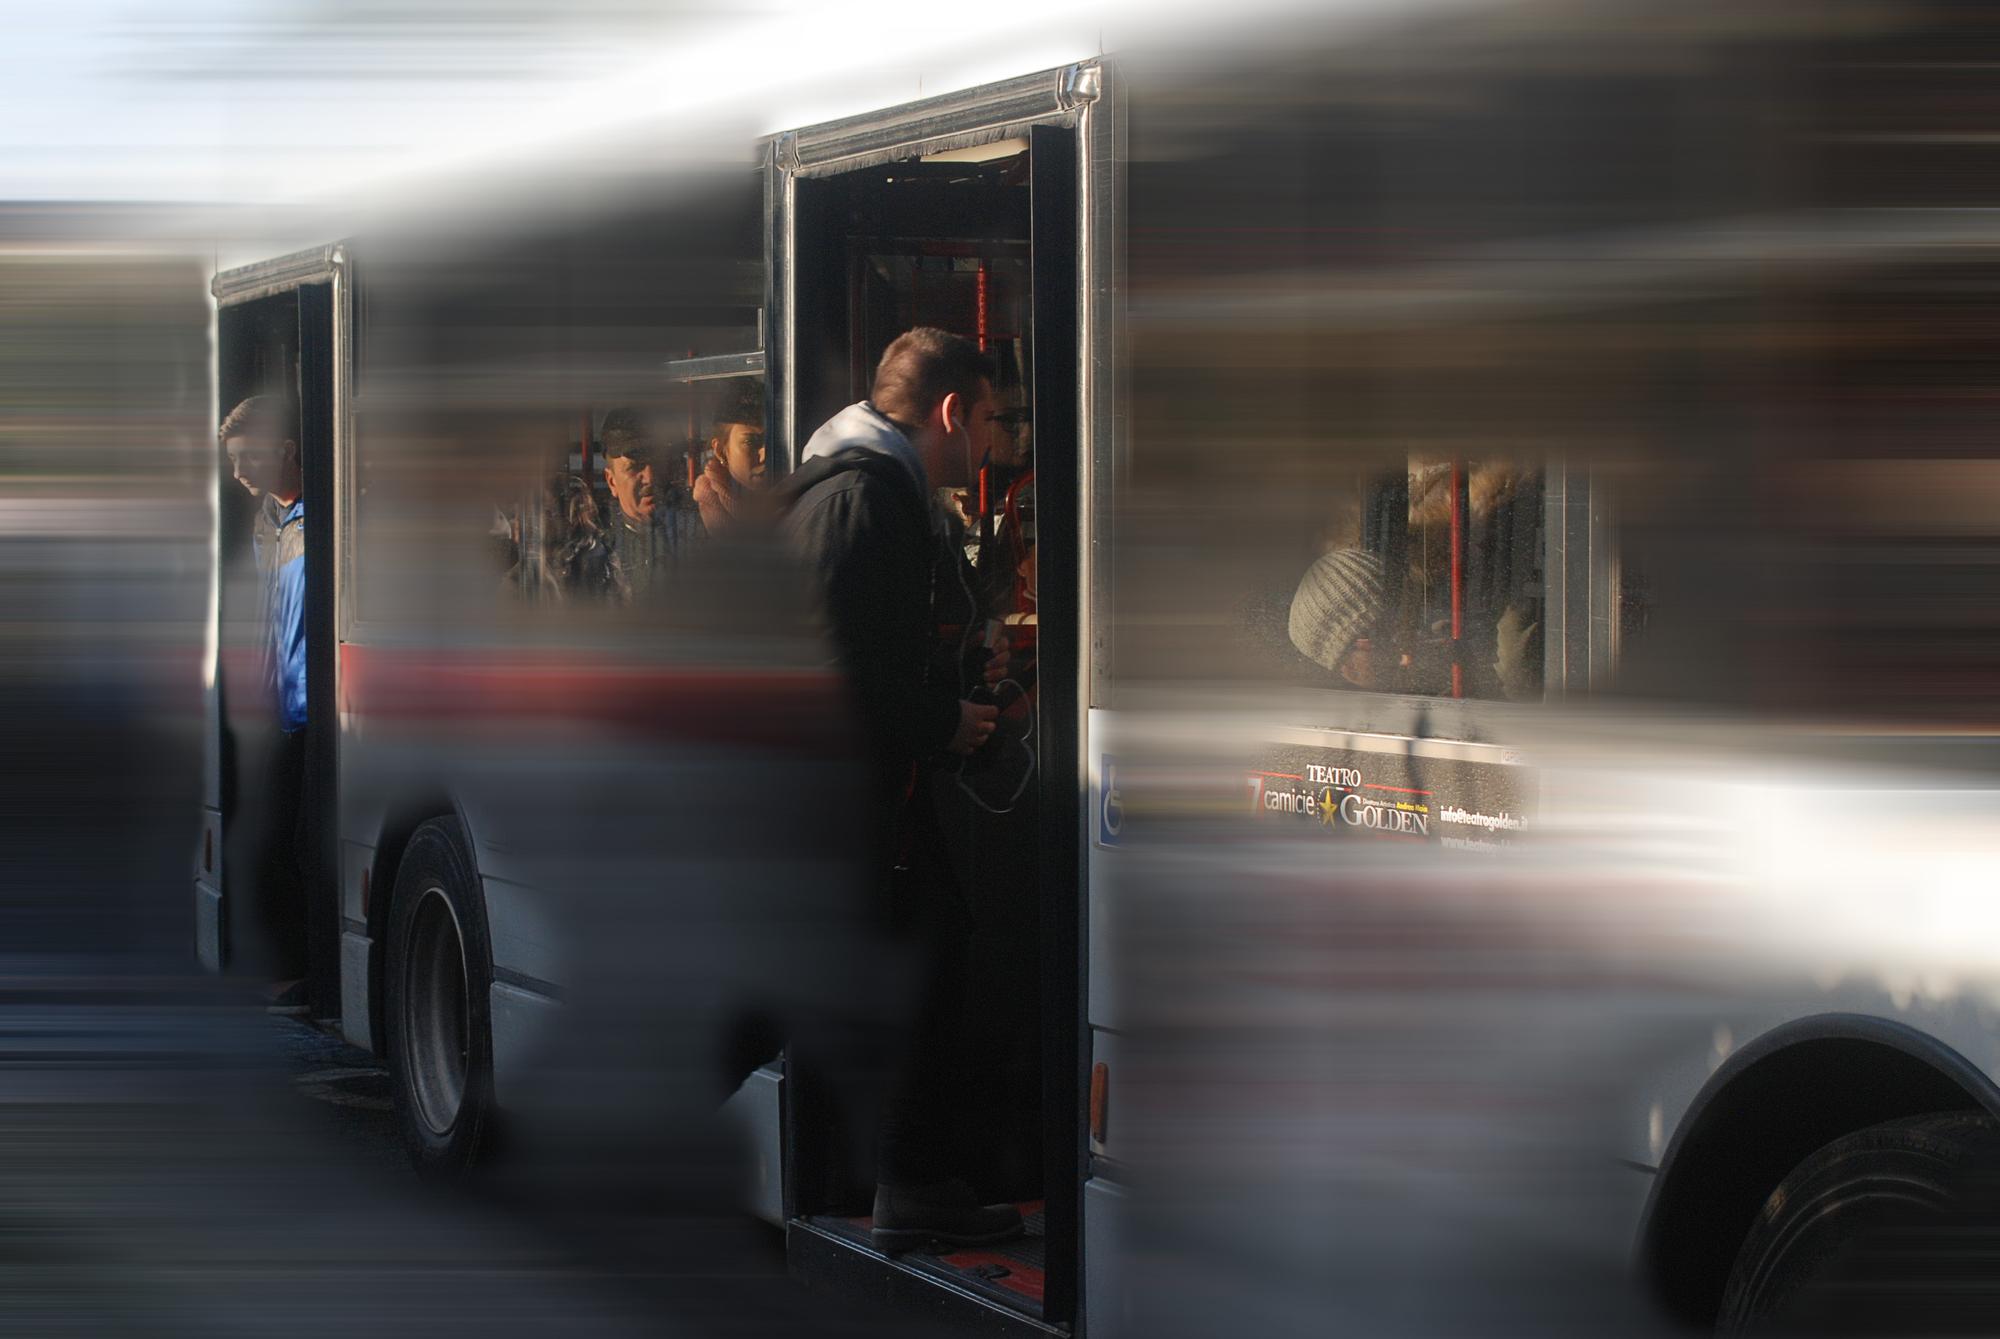 autobus di mauriziosettimi